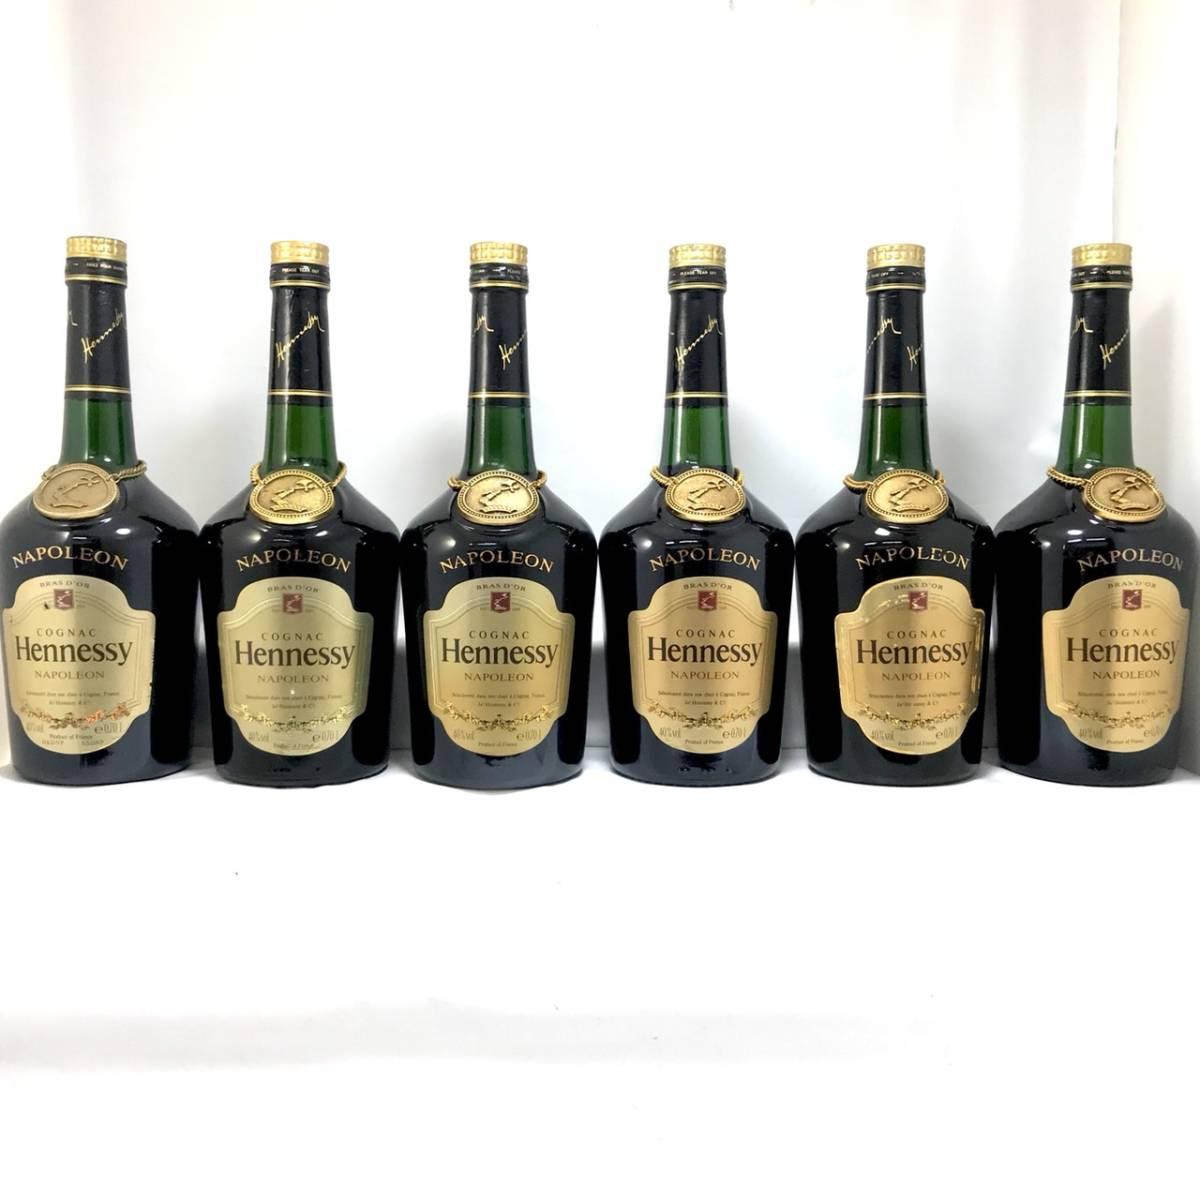 古酒 - Hennessy NAPOLEON BRASD'OR/ヘネシー ナポレオン ブラスドール 16本セット 700ml 40% ブランデー コニャック 未開栓_画像8